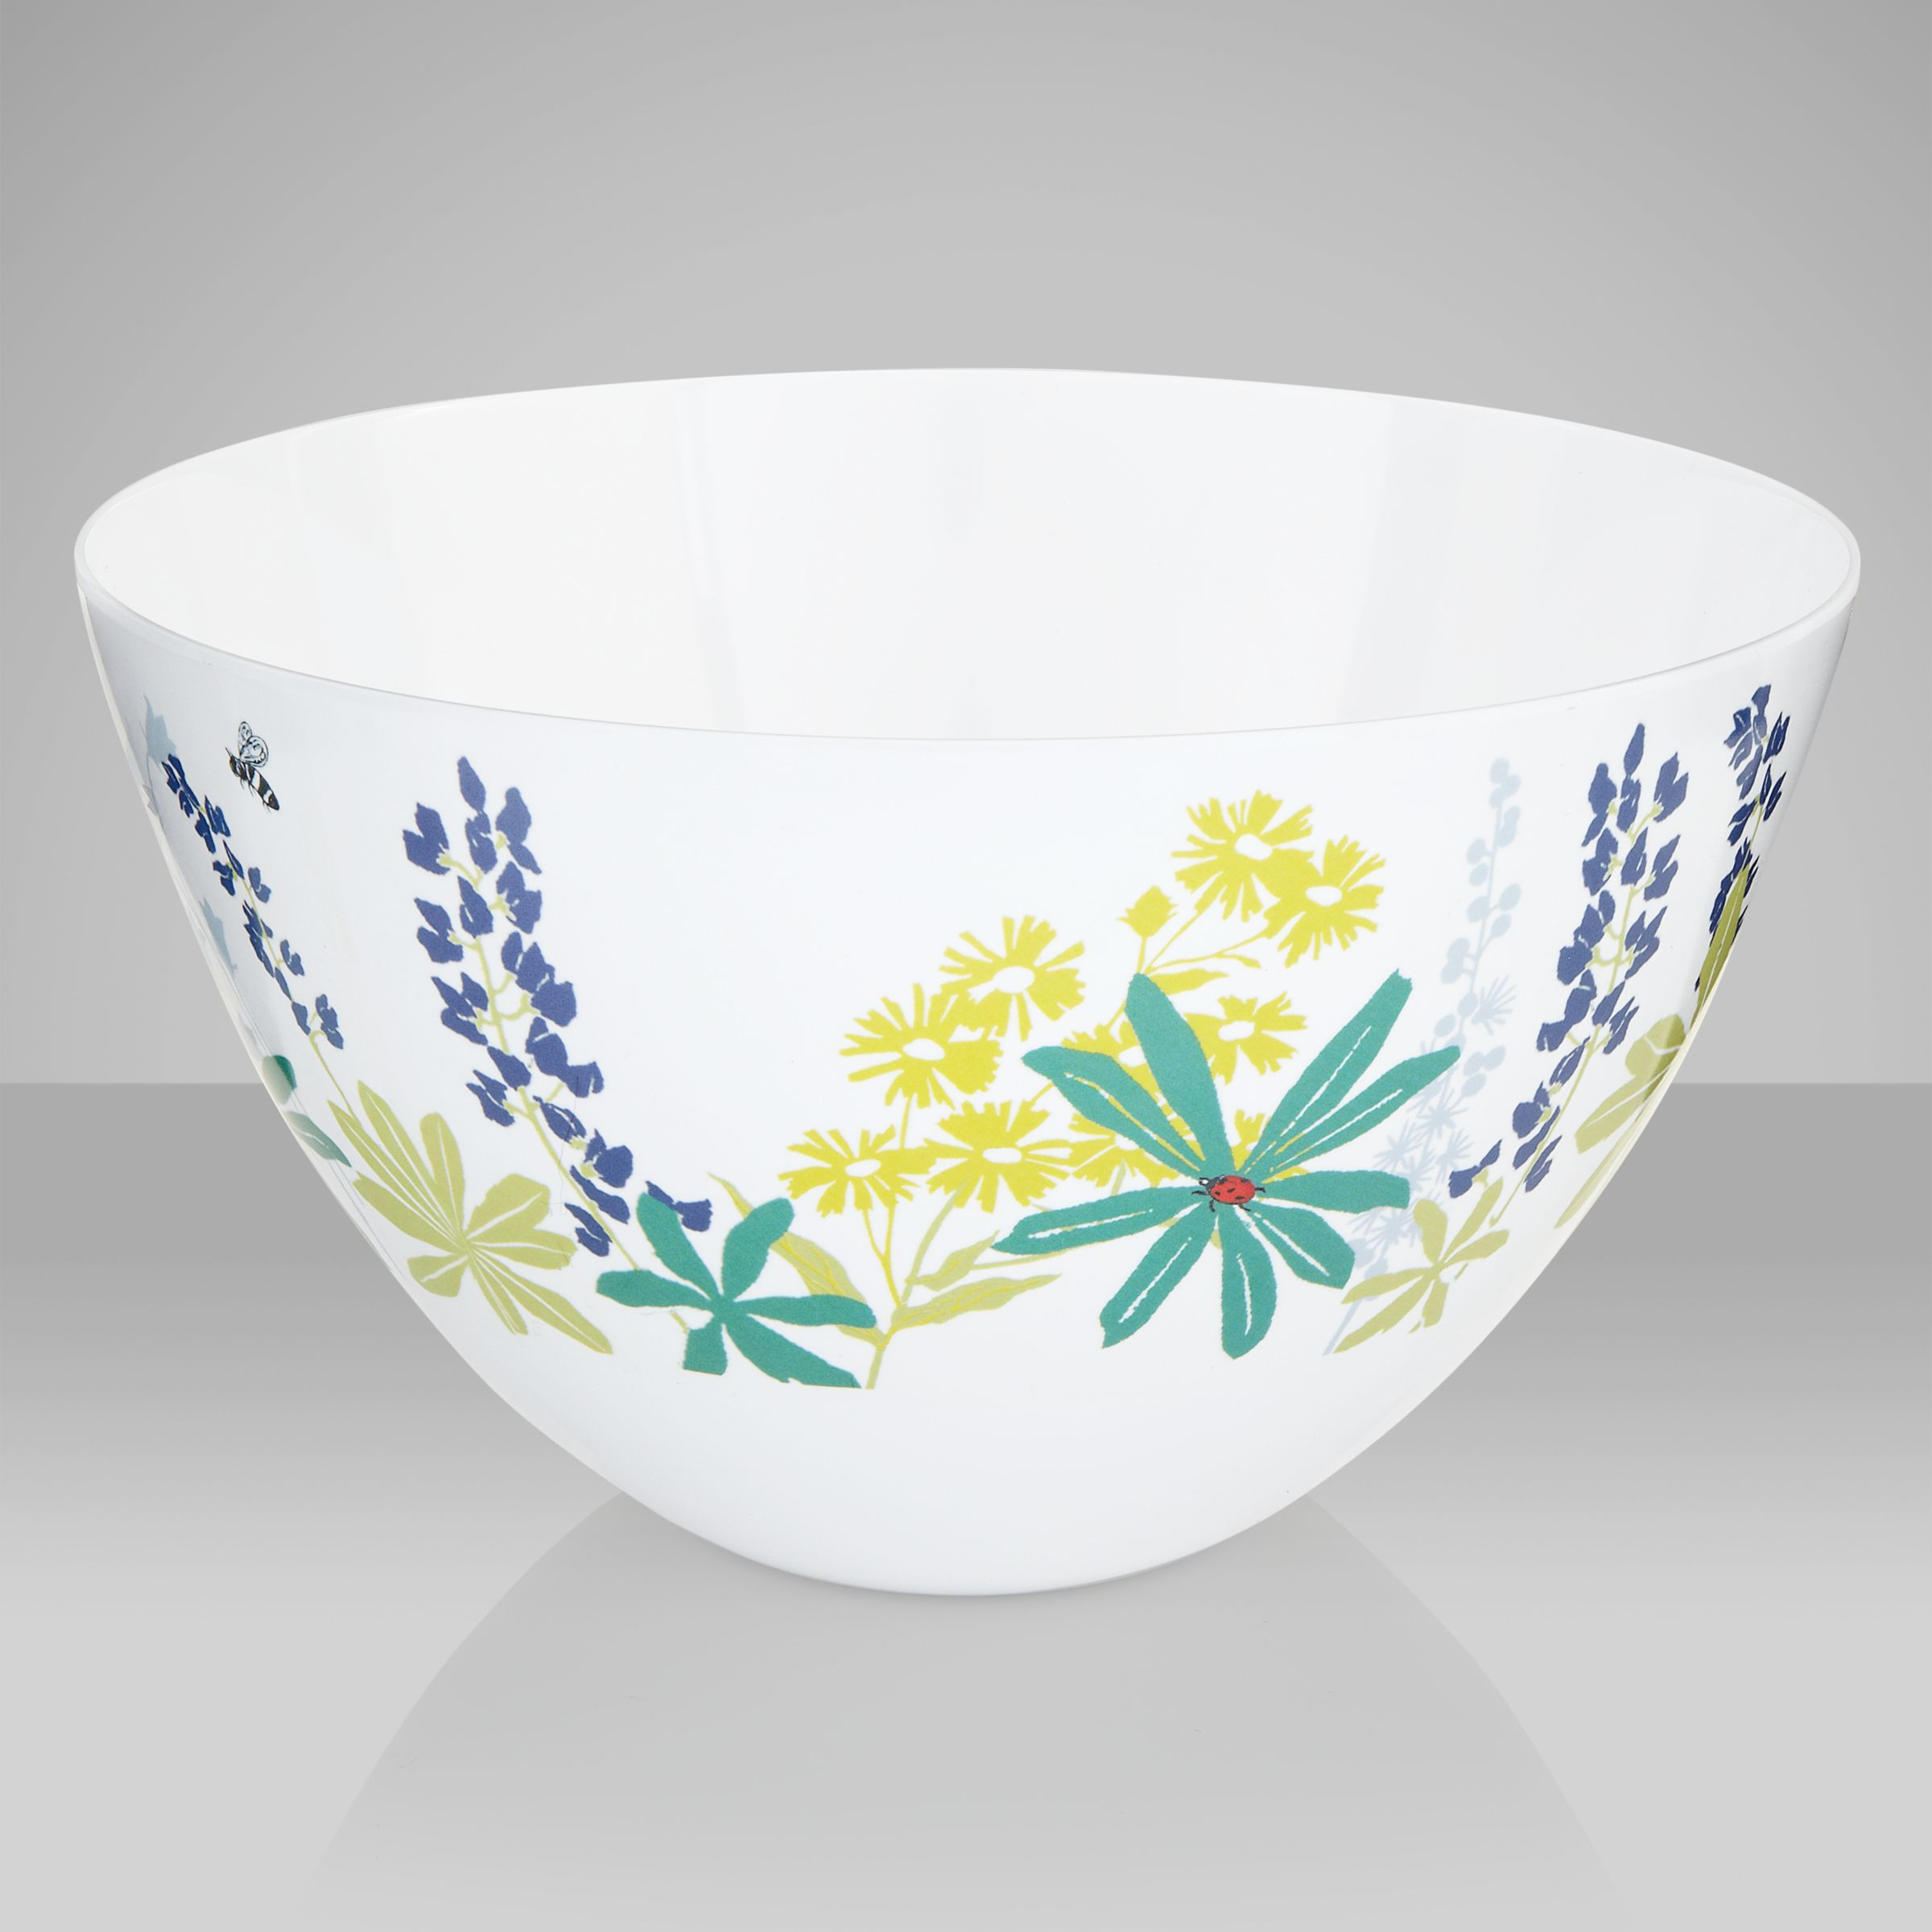 John Lewis Botanist Salad Bowl